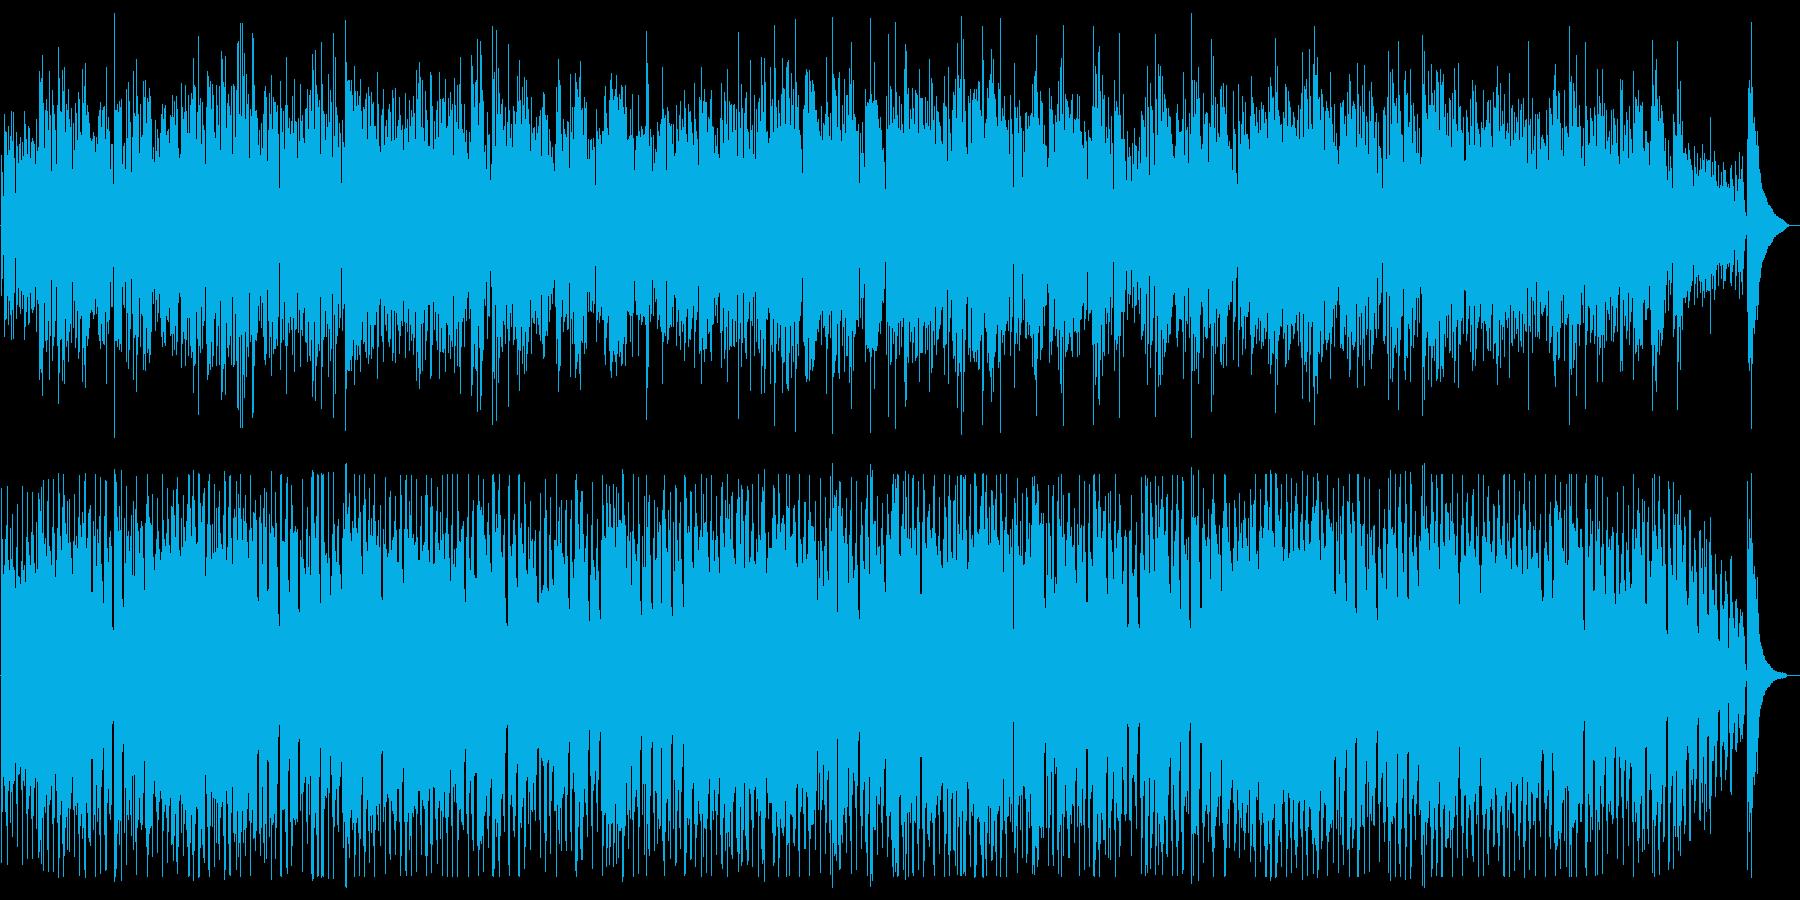 タイスの瞑想曲(acoustic)の再生済みの波形